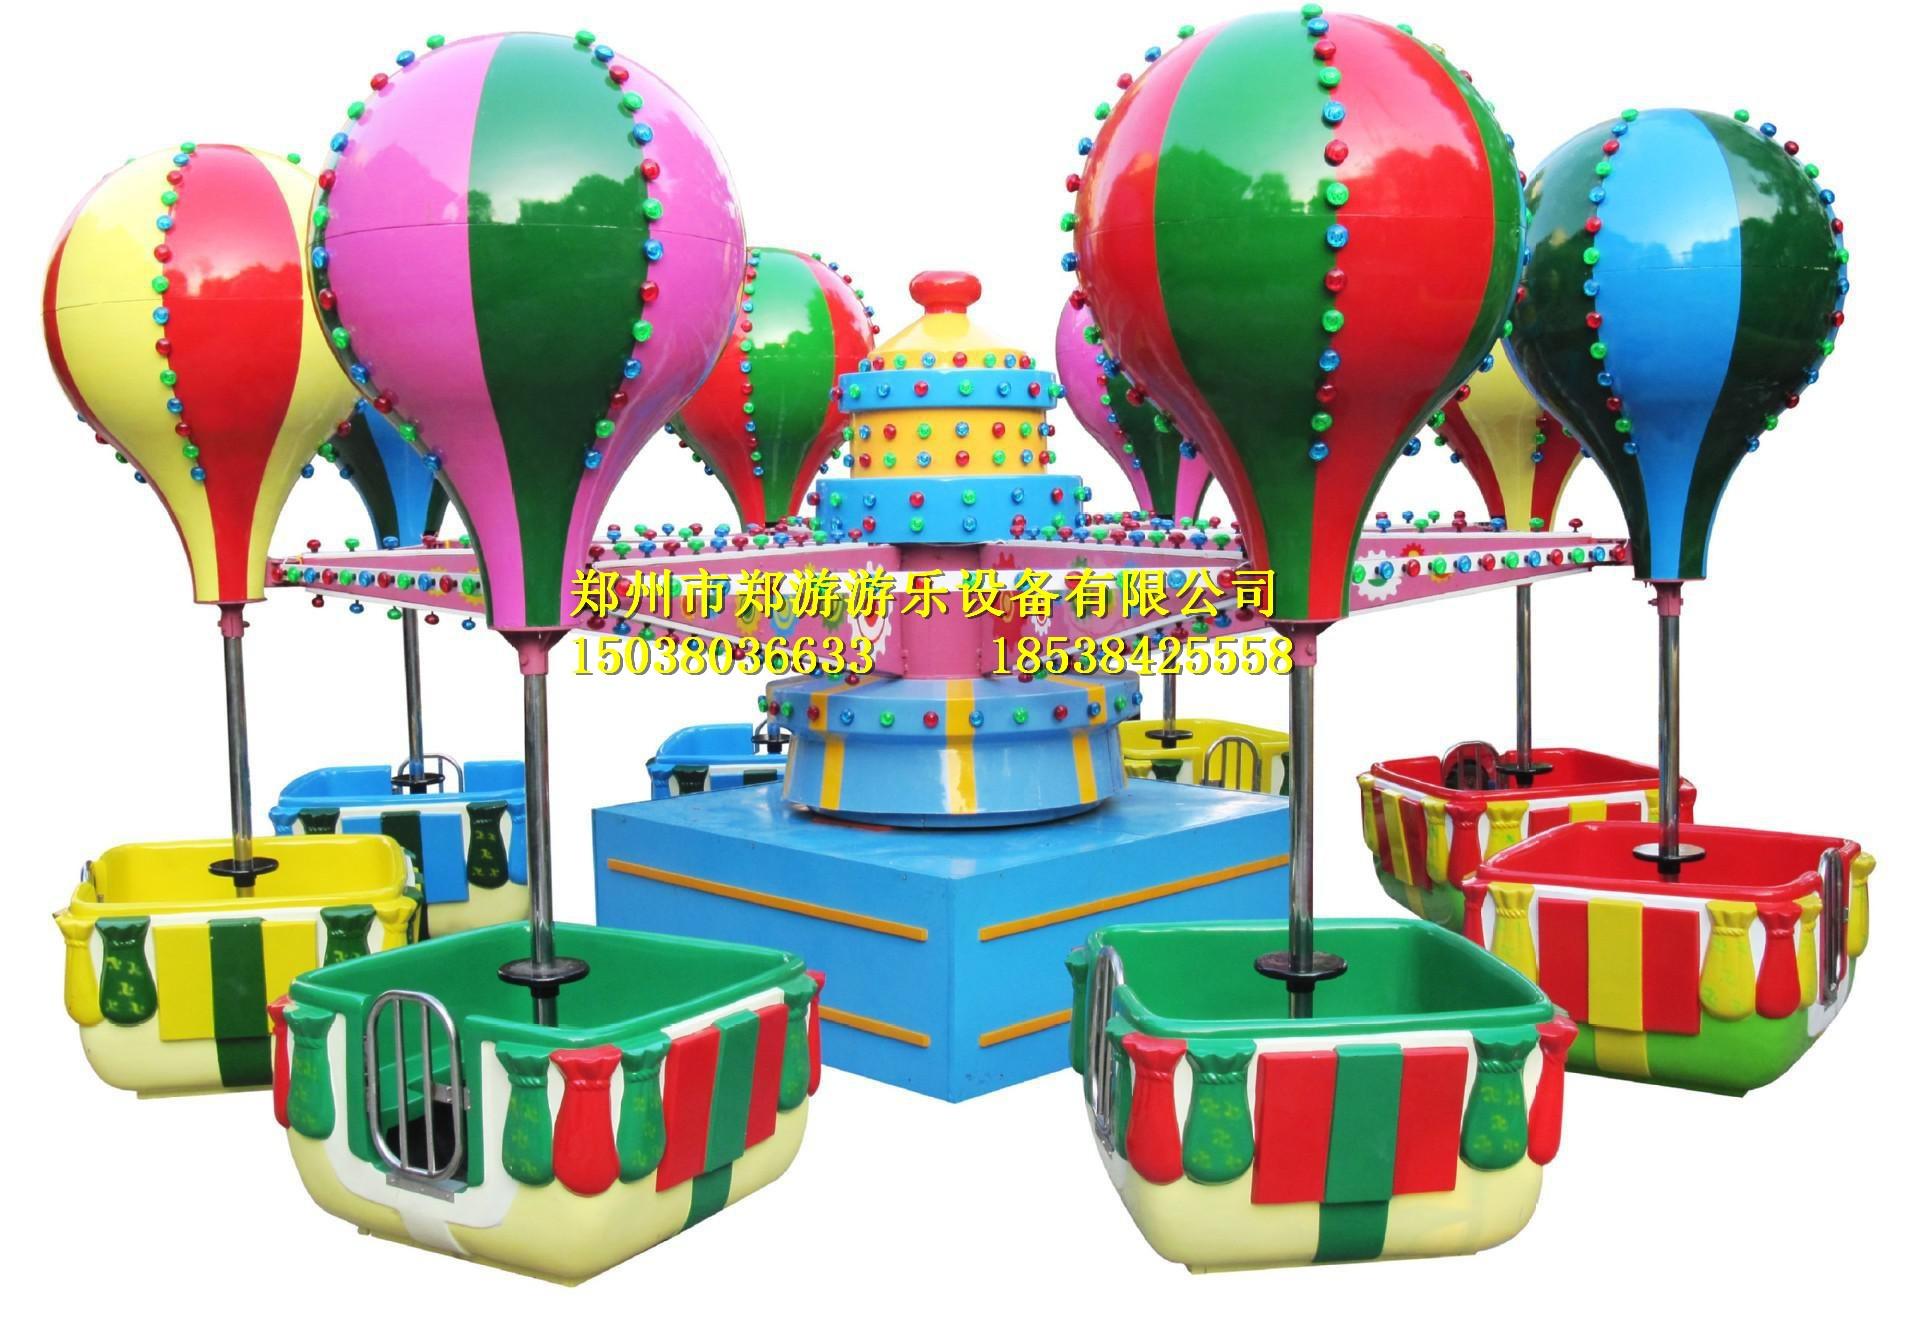 飞行塔类—桑巴气球